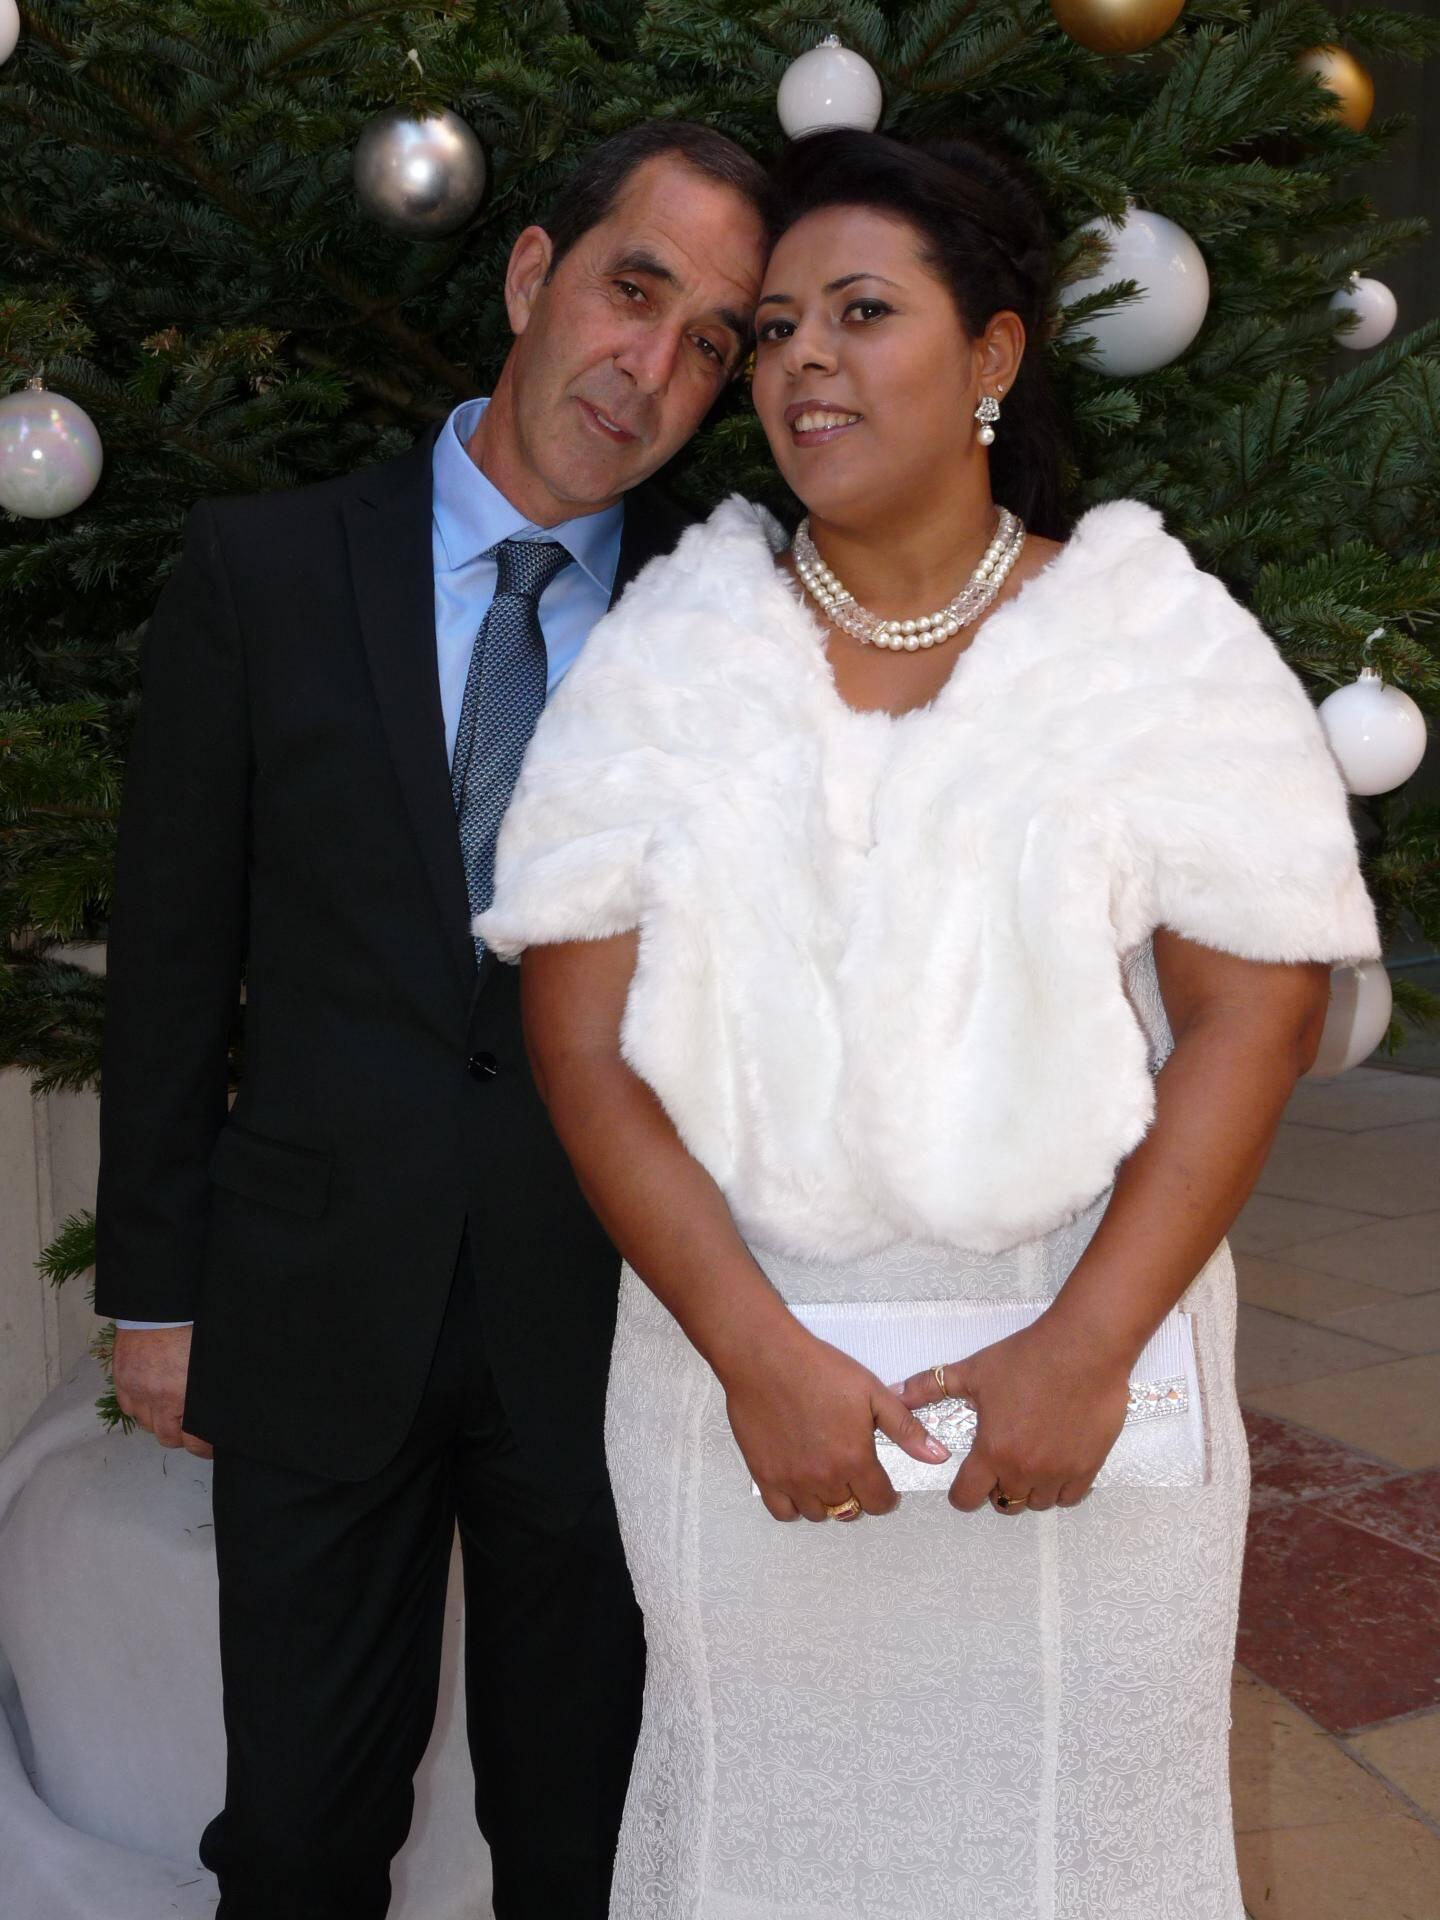 José Soares Vieira, chef d'équipe dans le bâtiment, et Daniela Teixeira Rosa, sans profession.